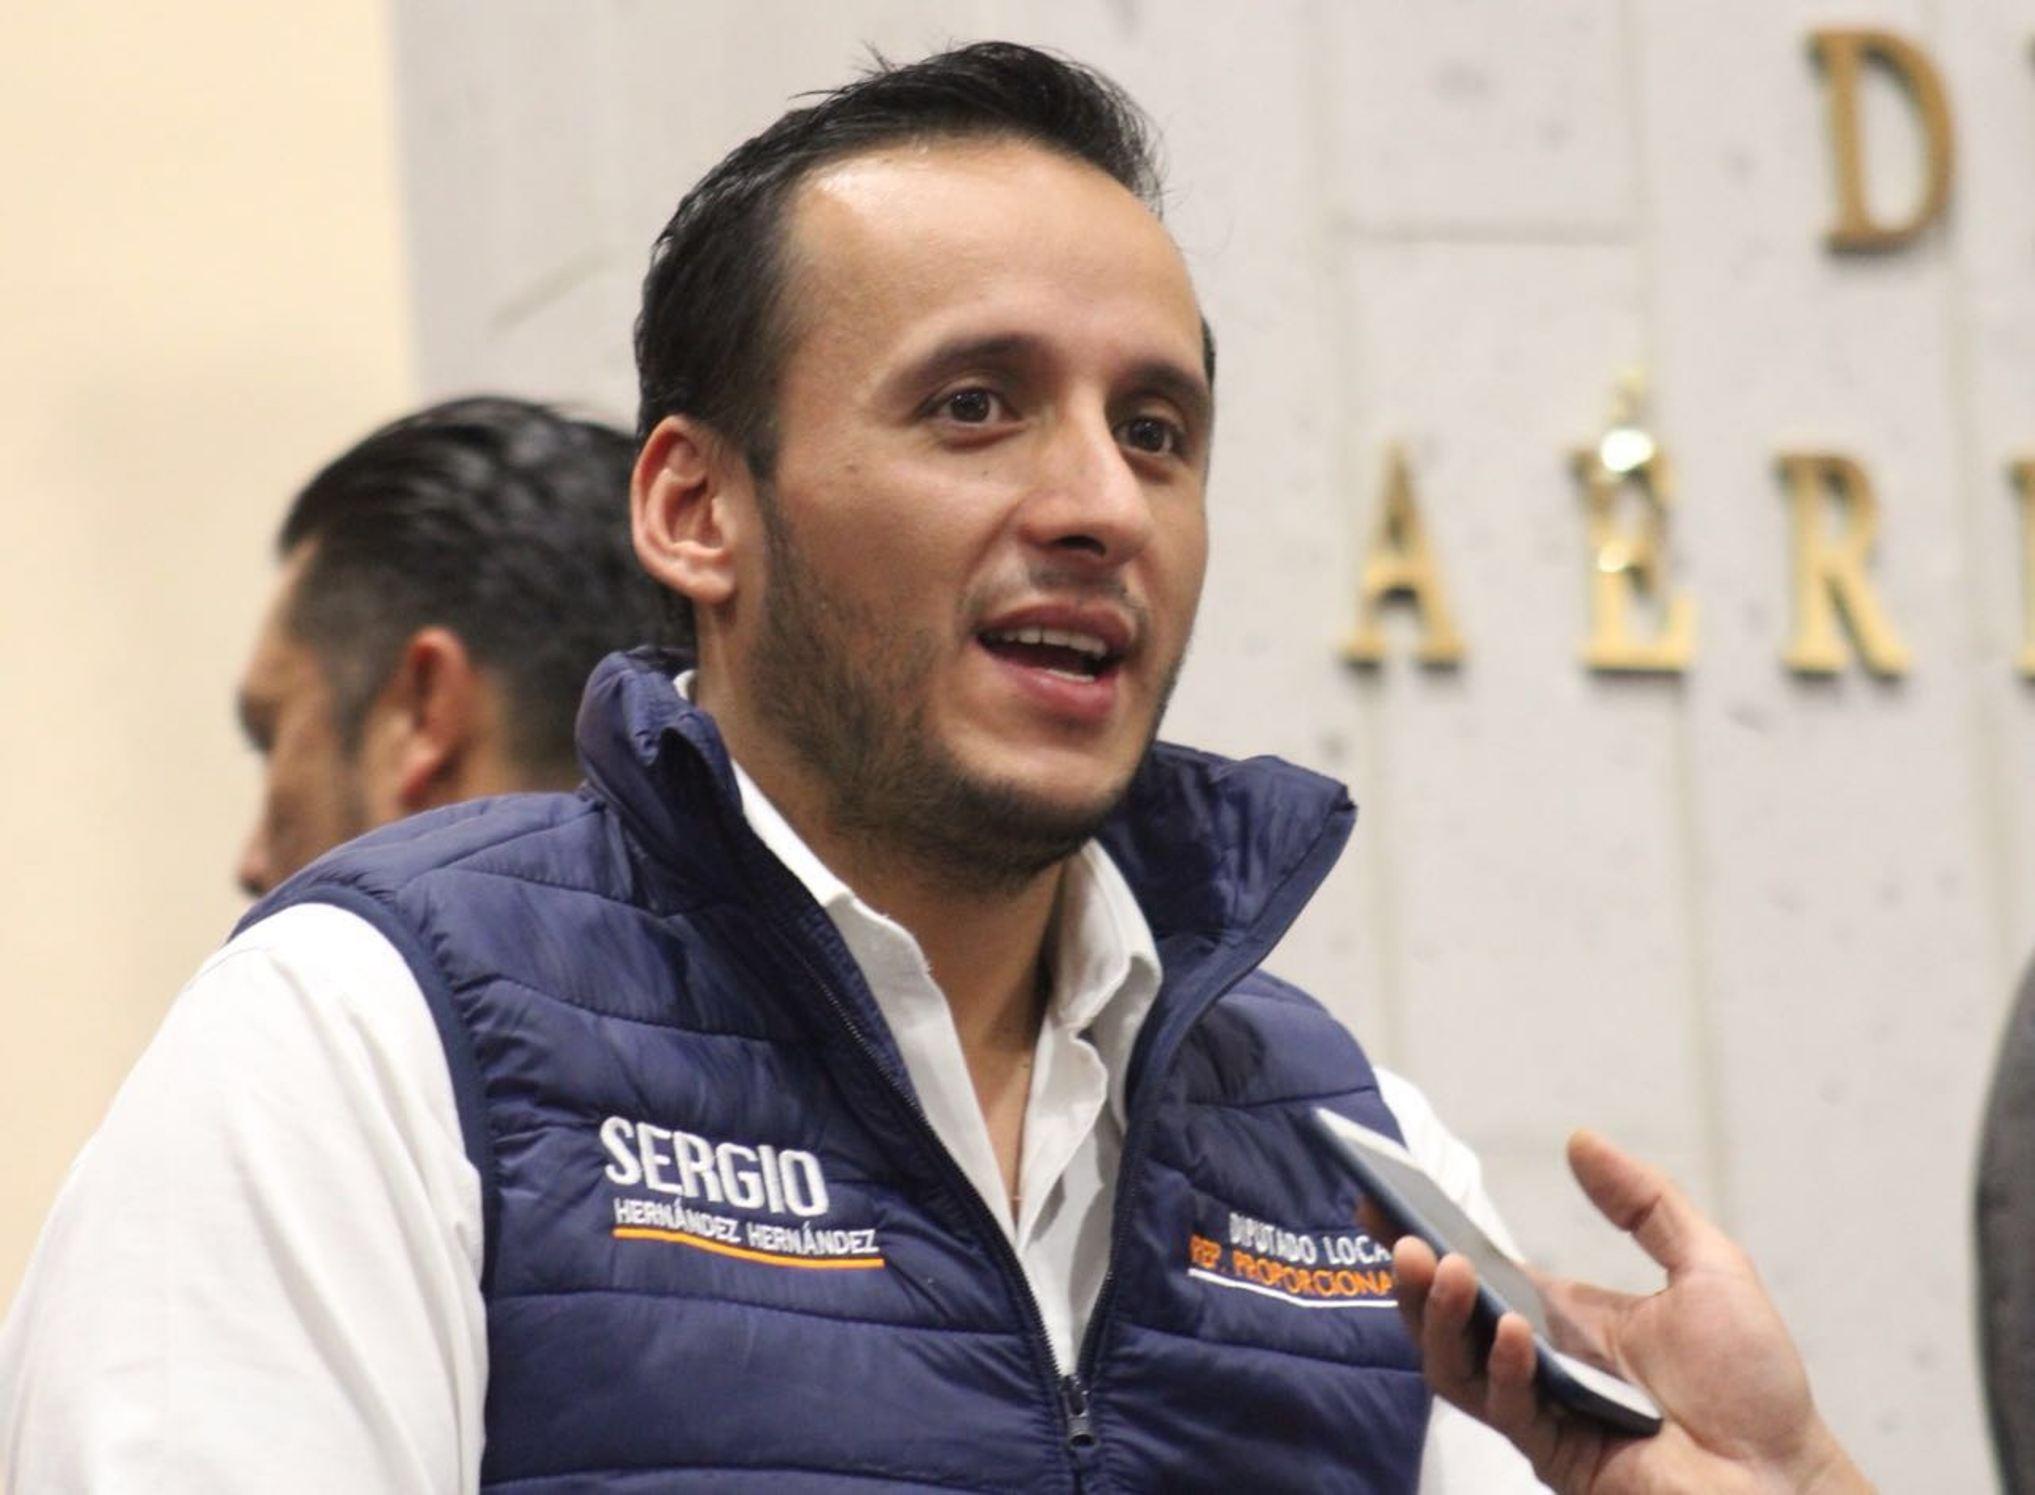 Mantiene Congreso del Estado alta productividad legislativa: Sergio Hernández